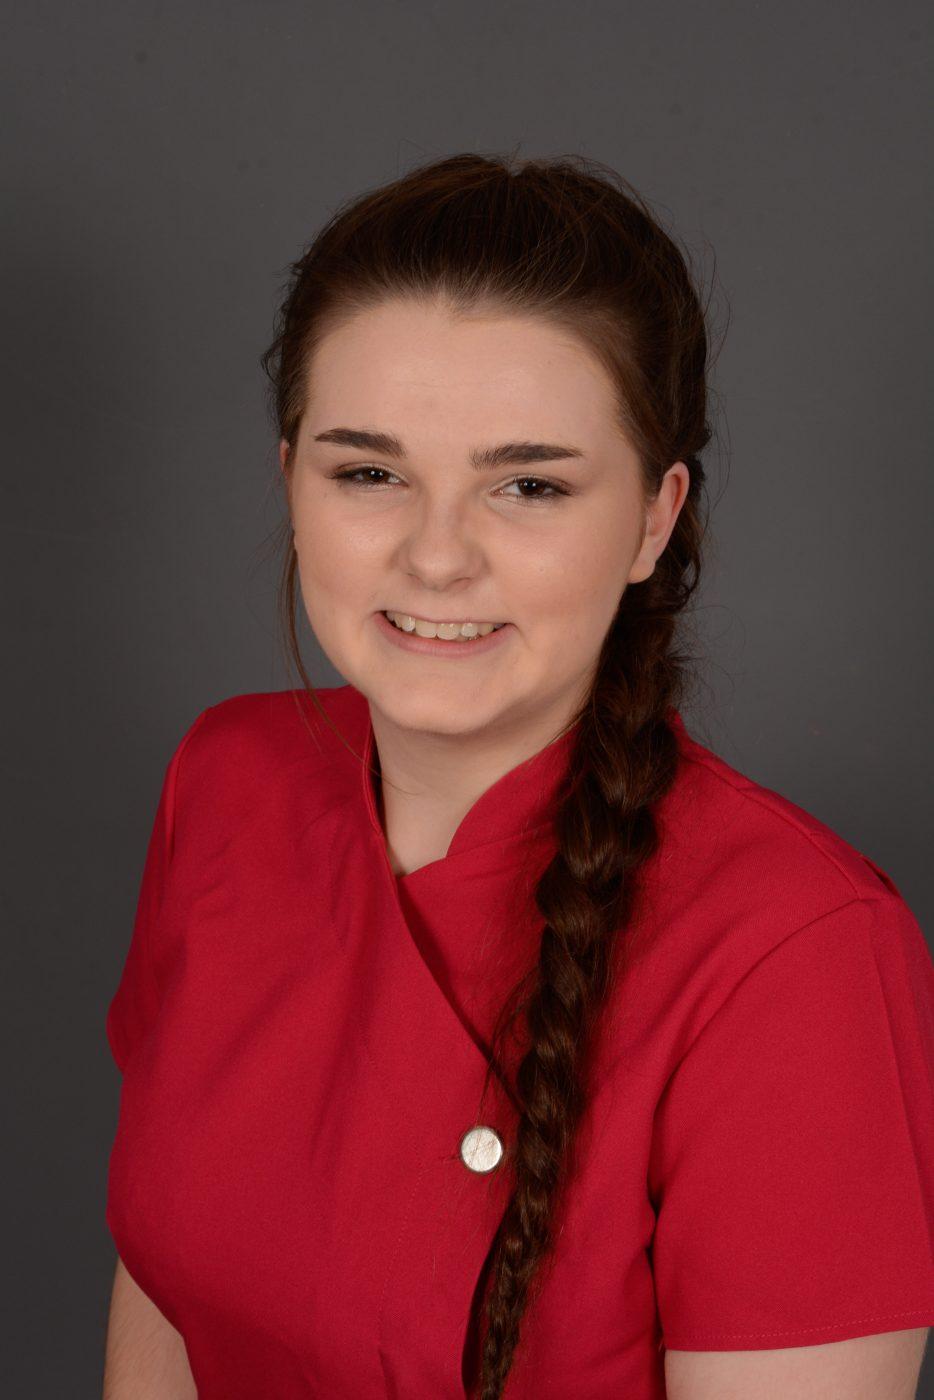 Caitlin Eynon-Cheshire, NVQ 2(T)